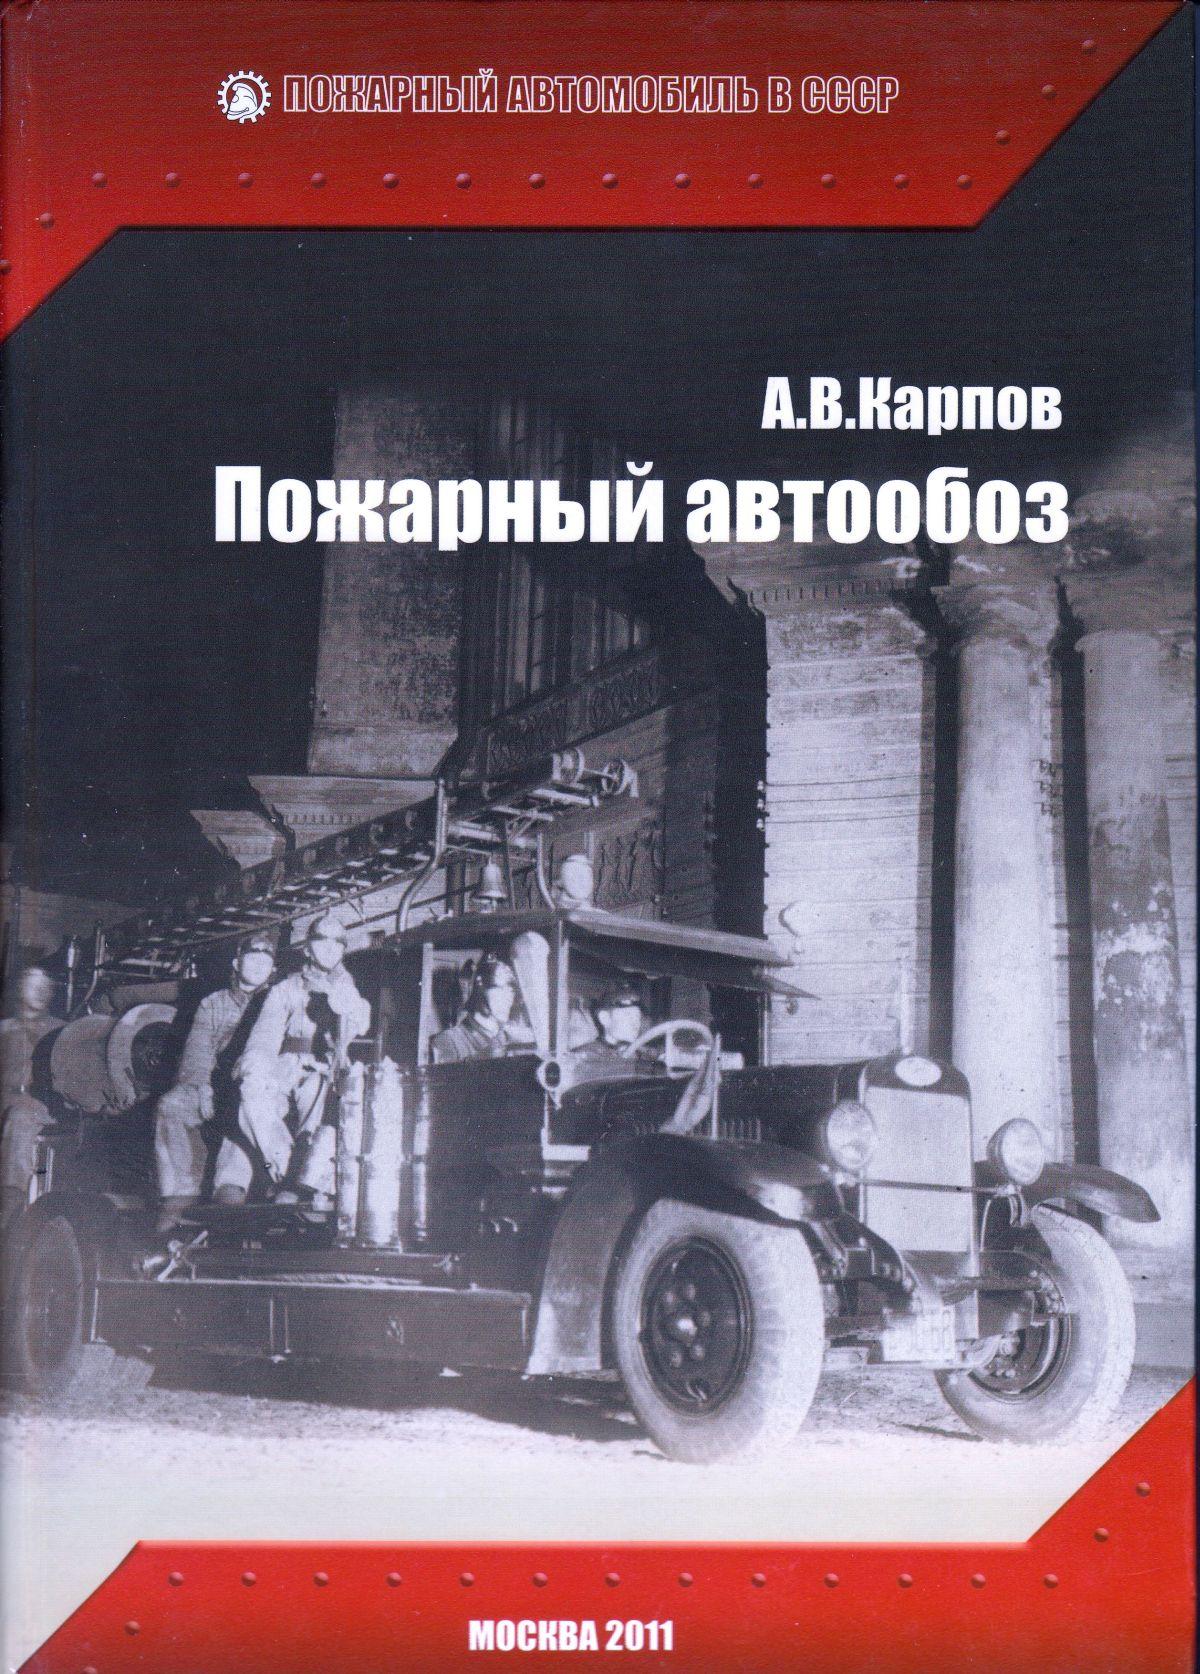 Трепачёв Дмитрий